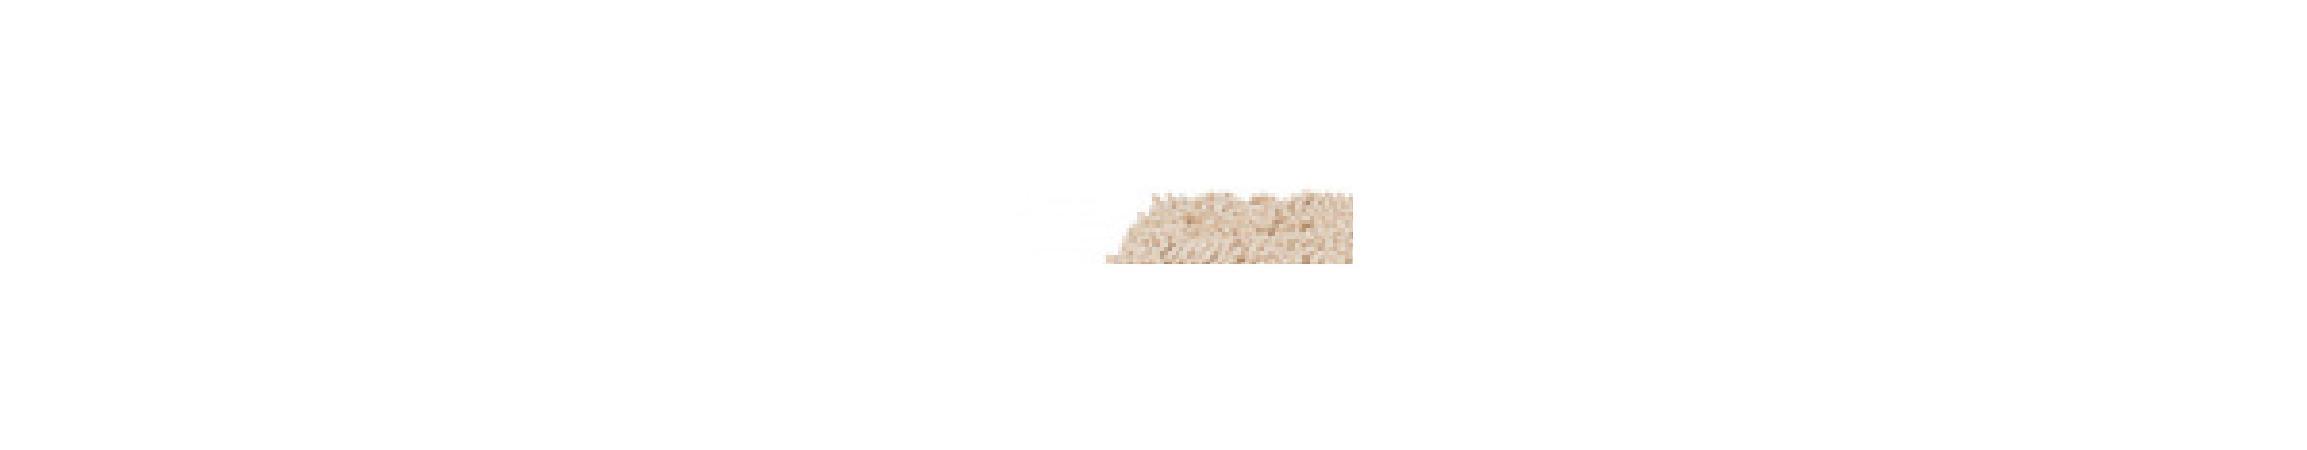 Trixie Коврик грязезащитный, непромокаемый, 60х50 см, бежевый 28530, 0,800 кг